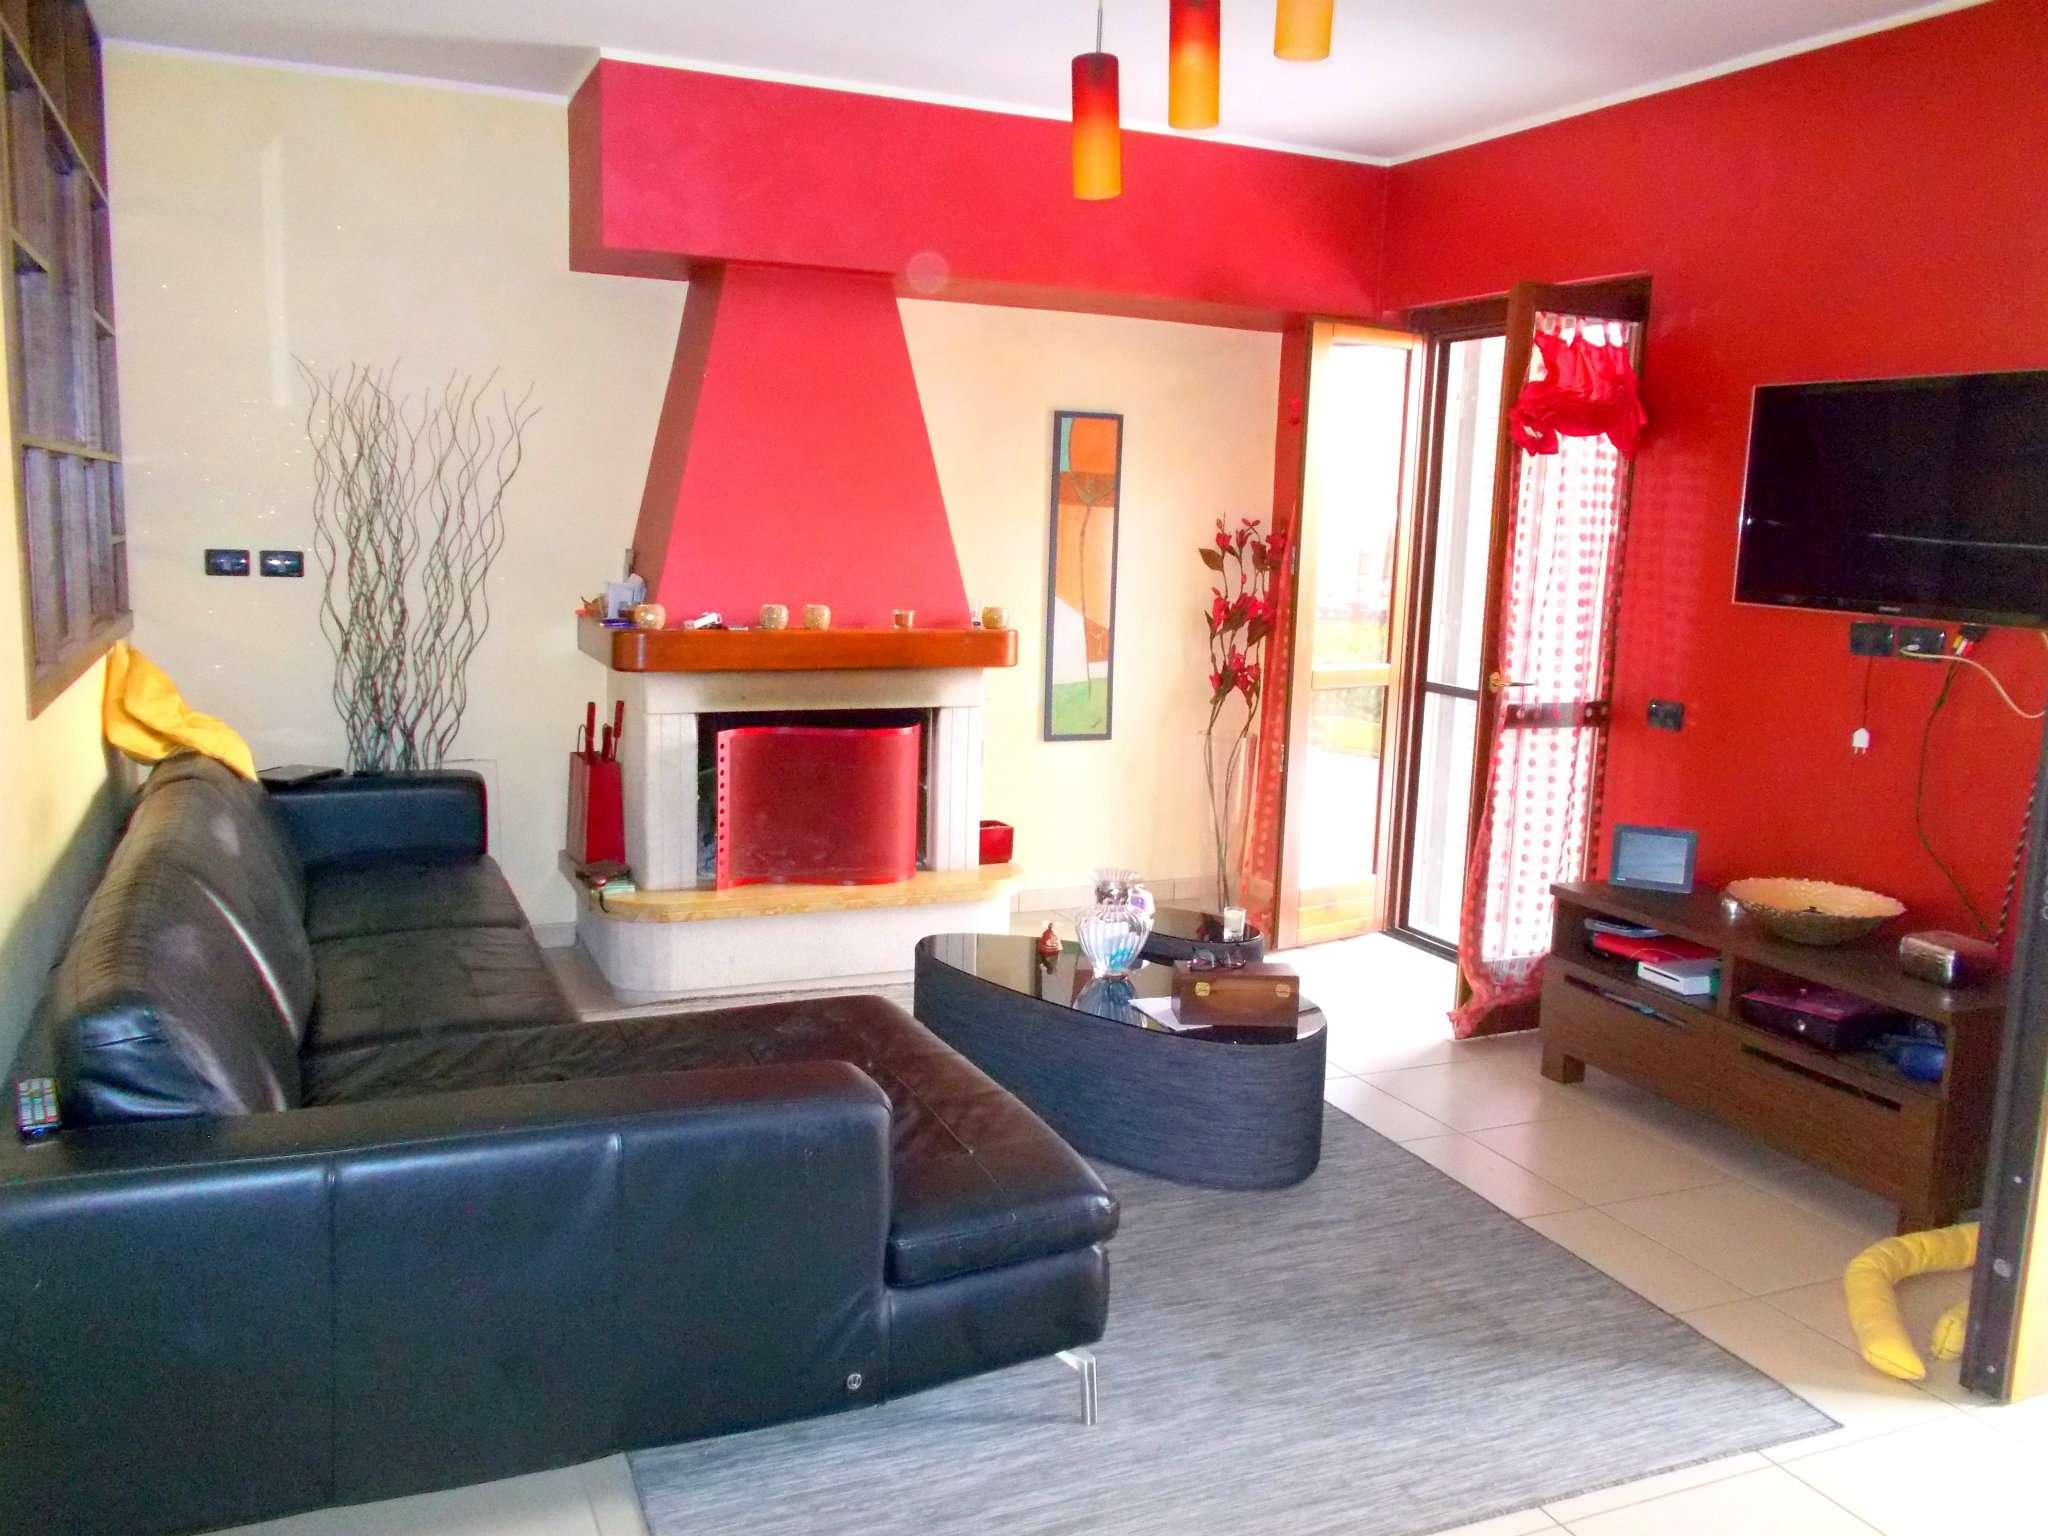 Soluzione Semindipendente in affitto a Santa Maria a Vico, 5 locali, prezzo € 350 | Cambio Casa.it